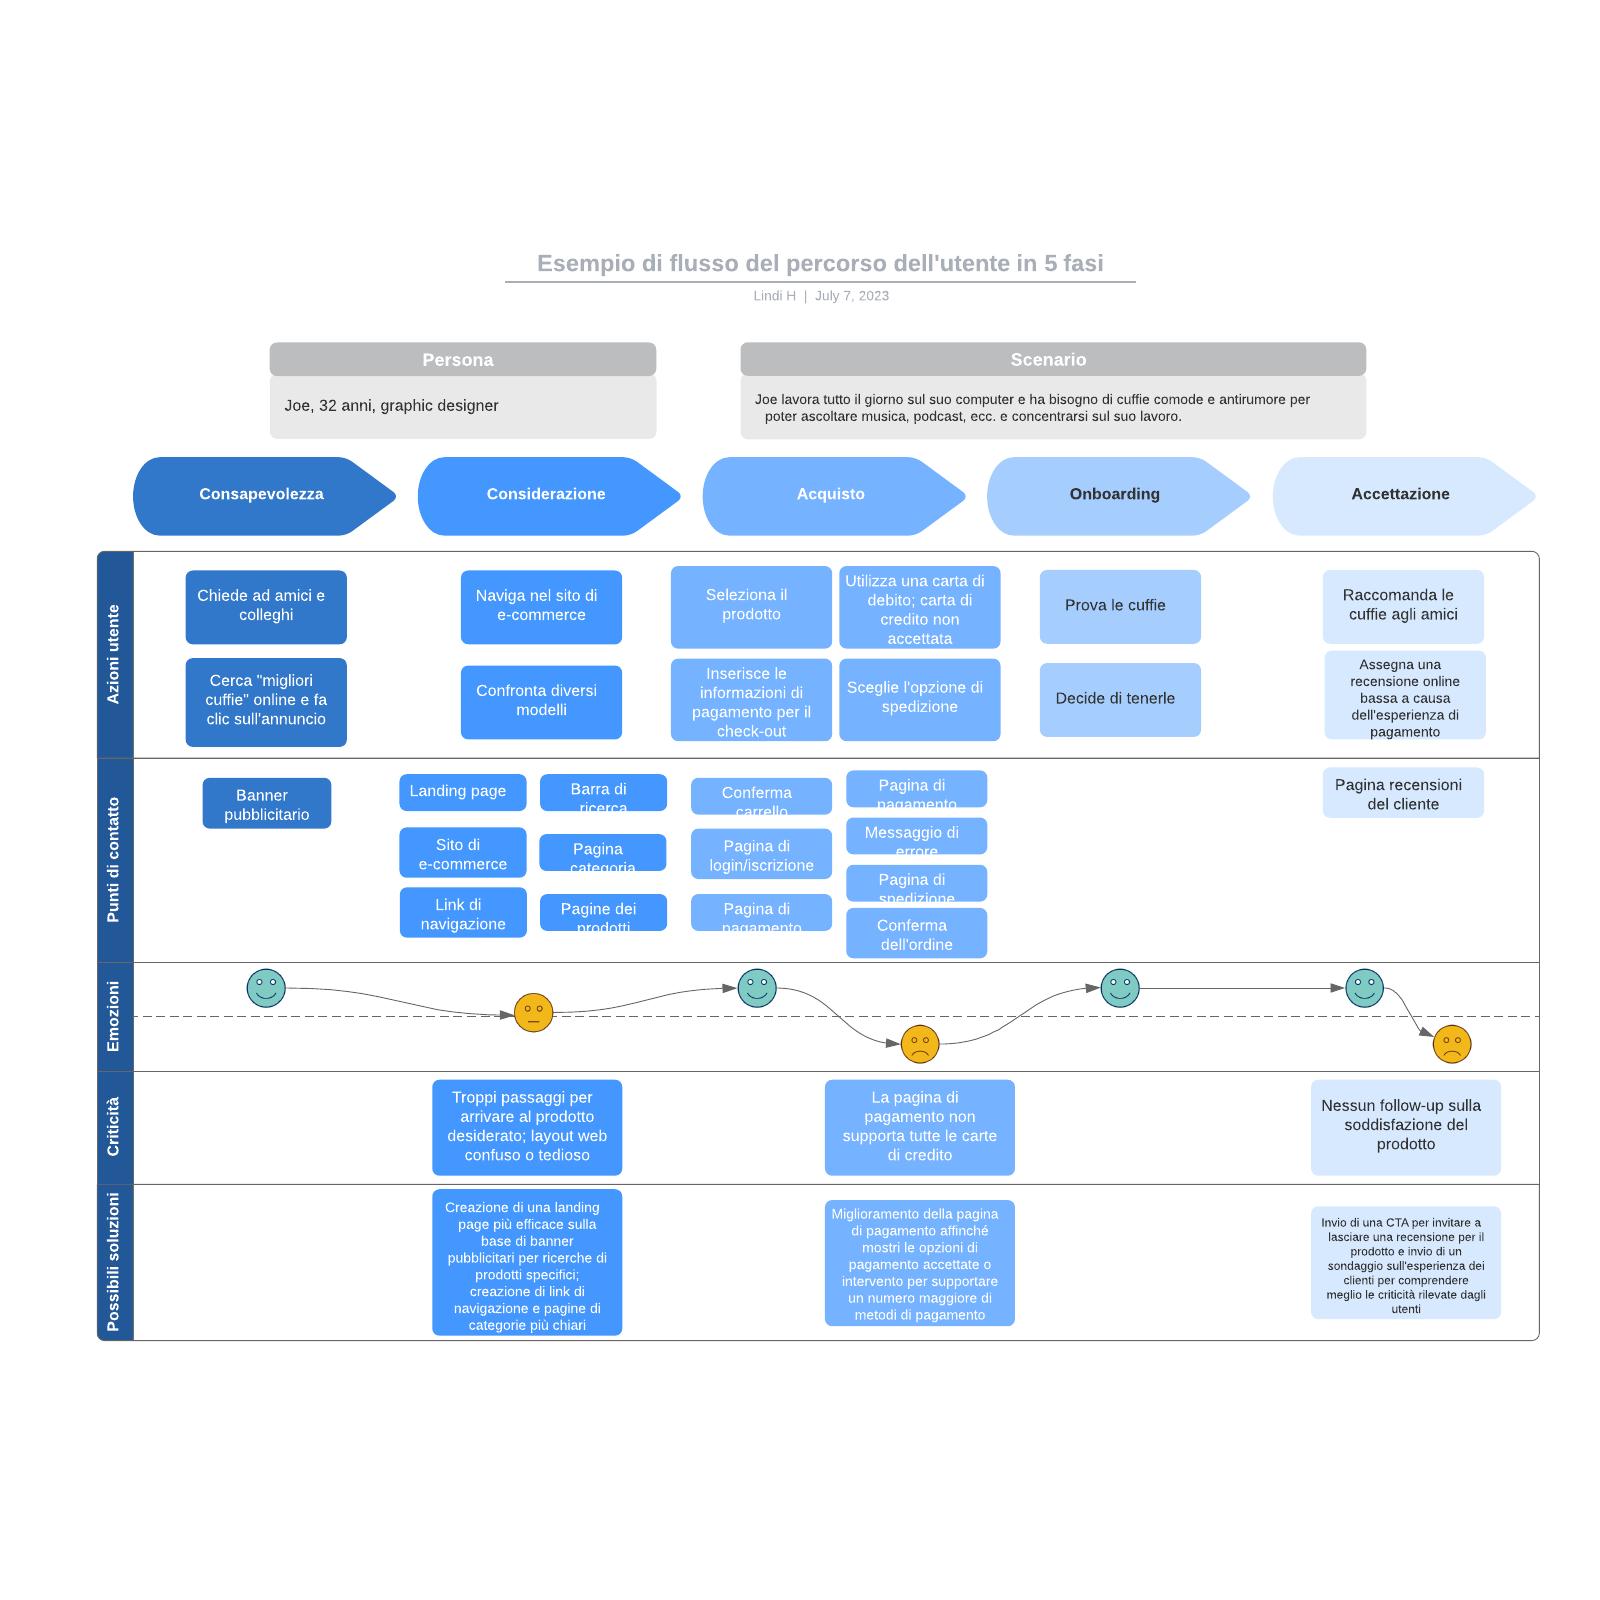 Esempio di flusso del percorso dell'utente in 5 fasi